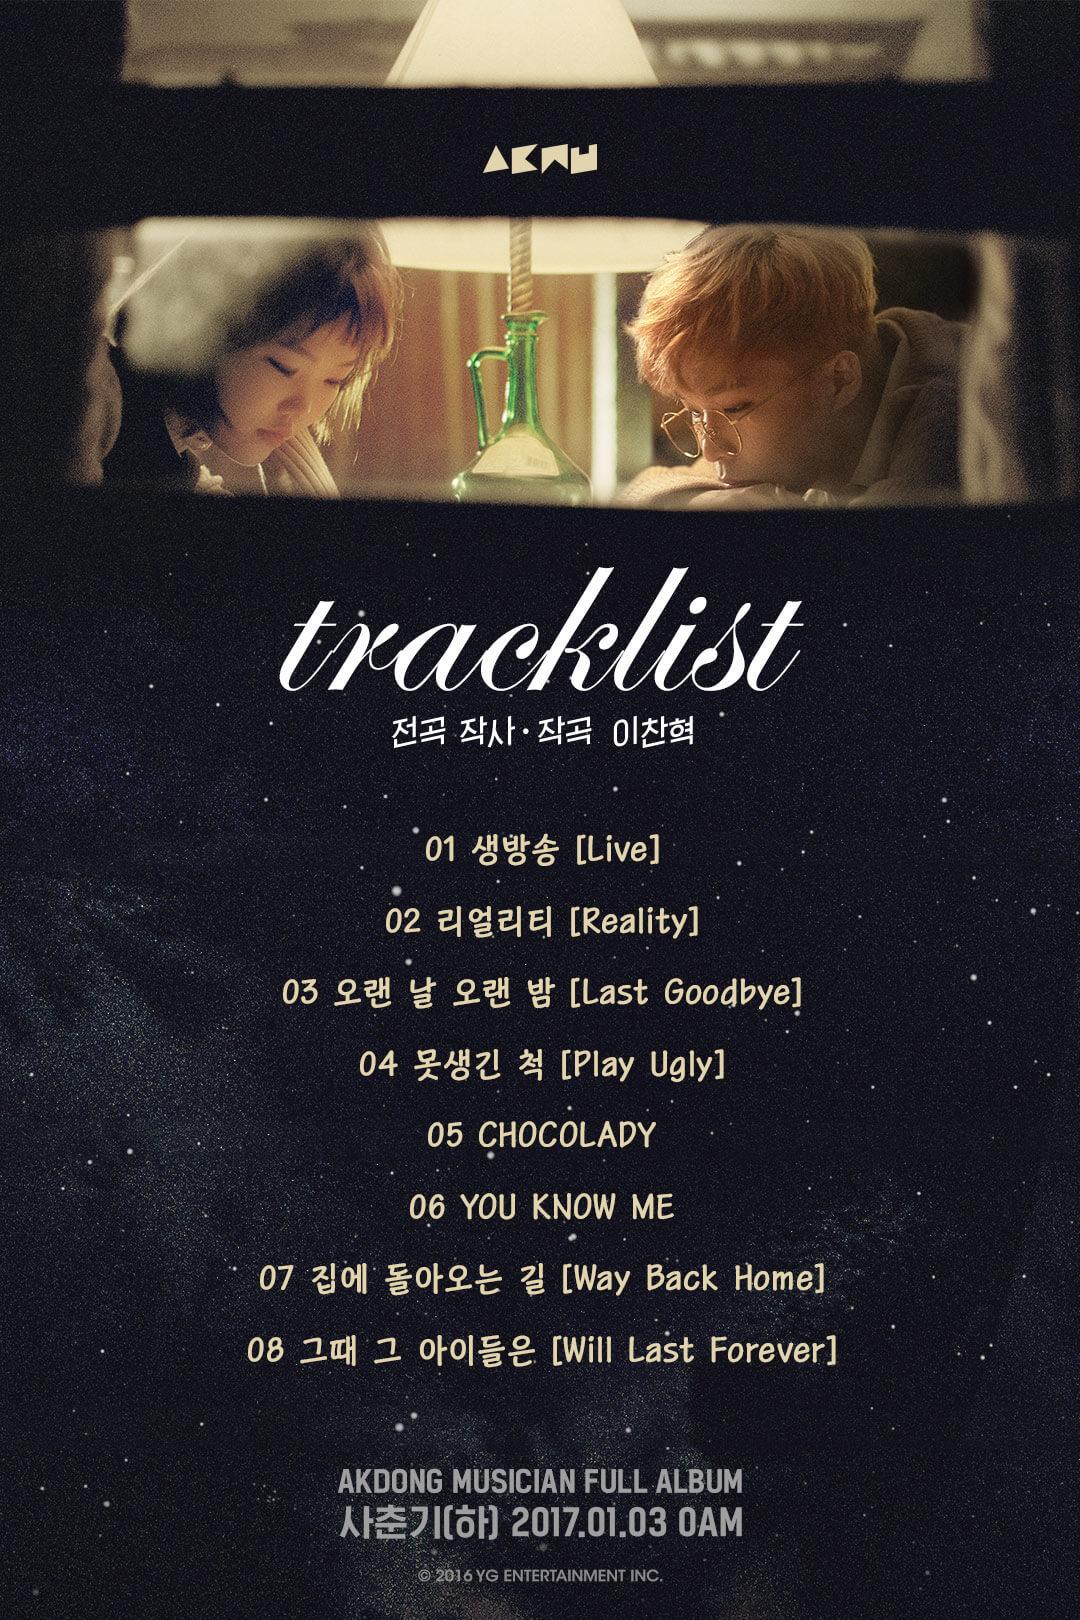 Akdong Musician tracklist